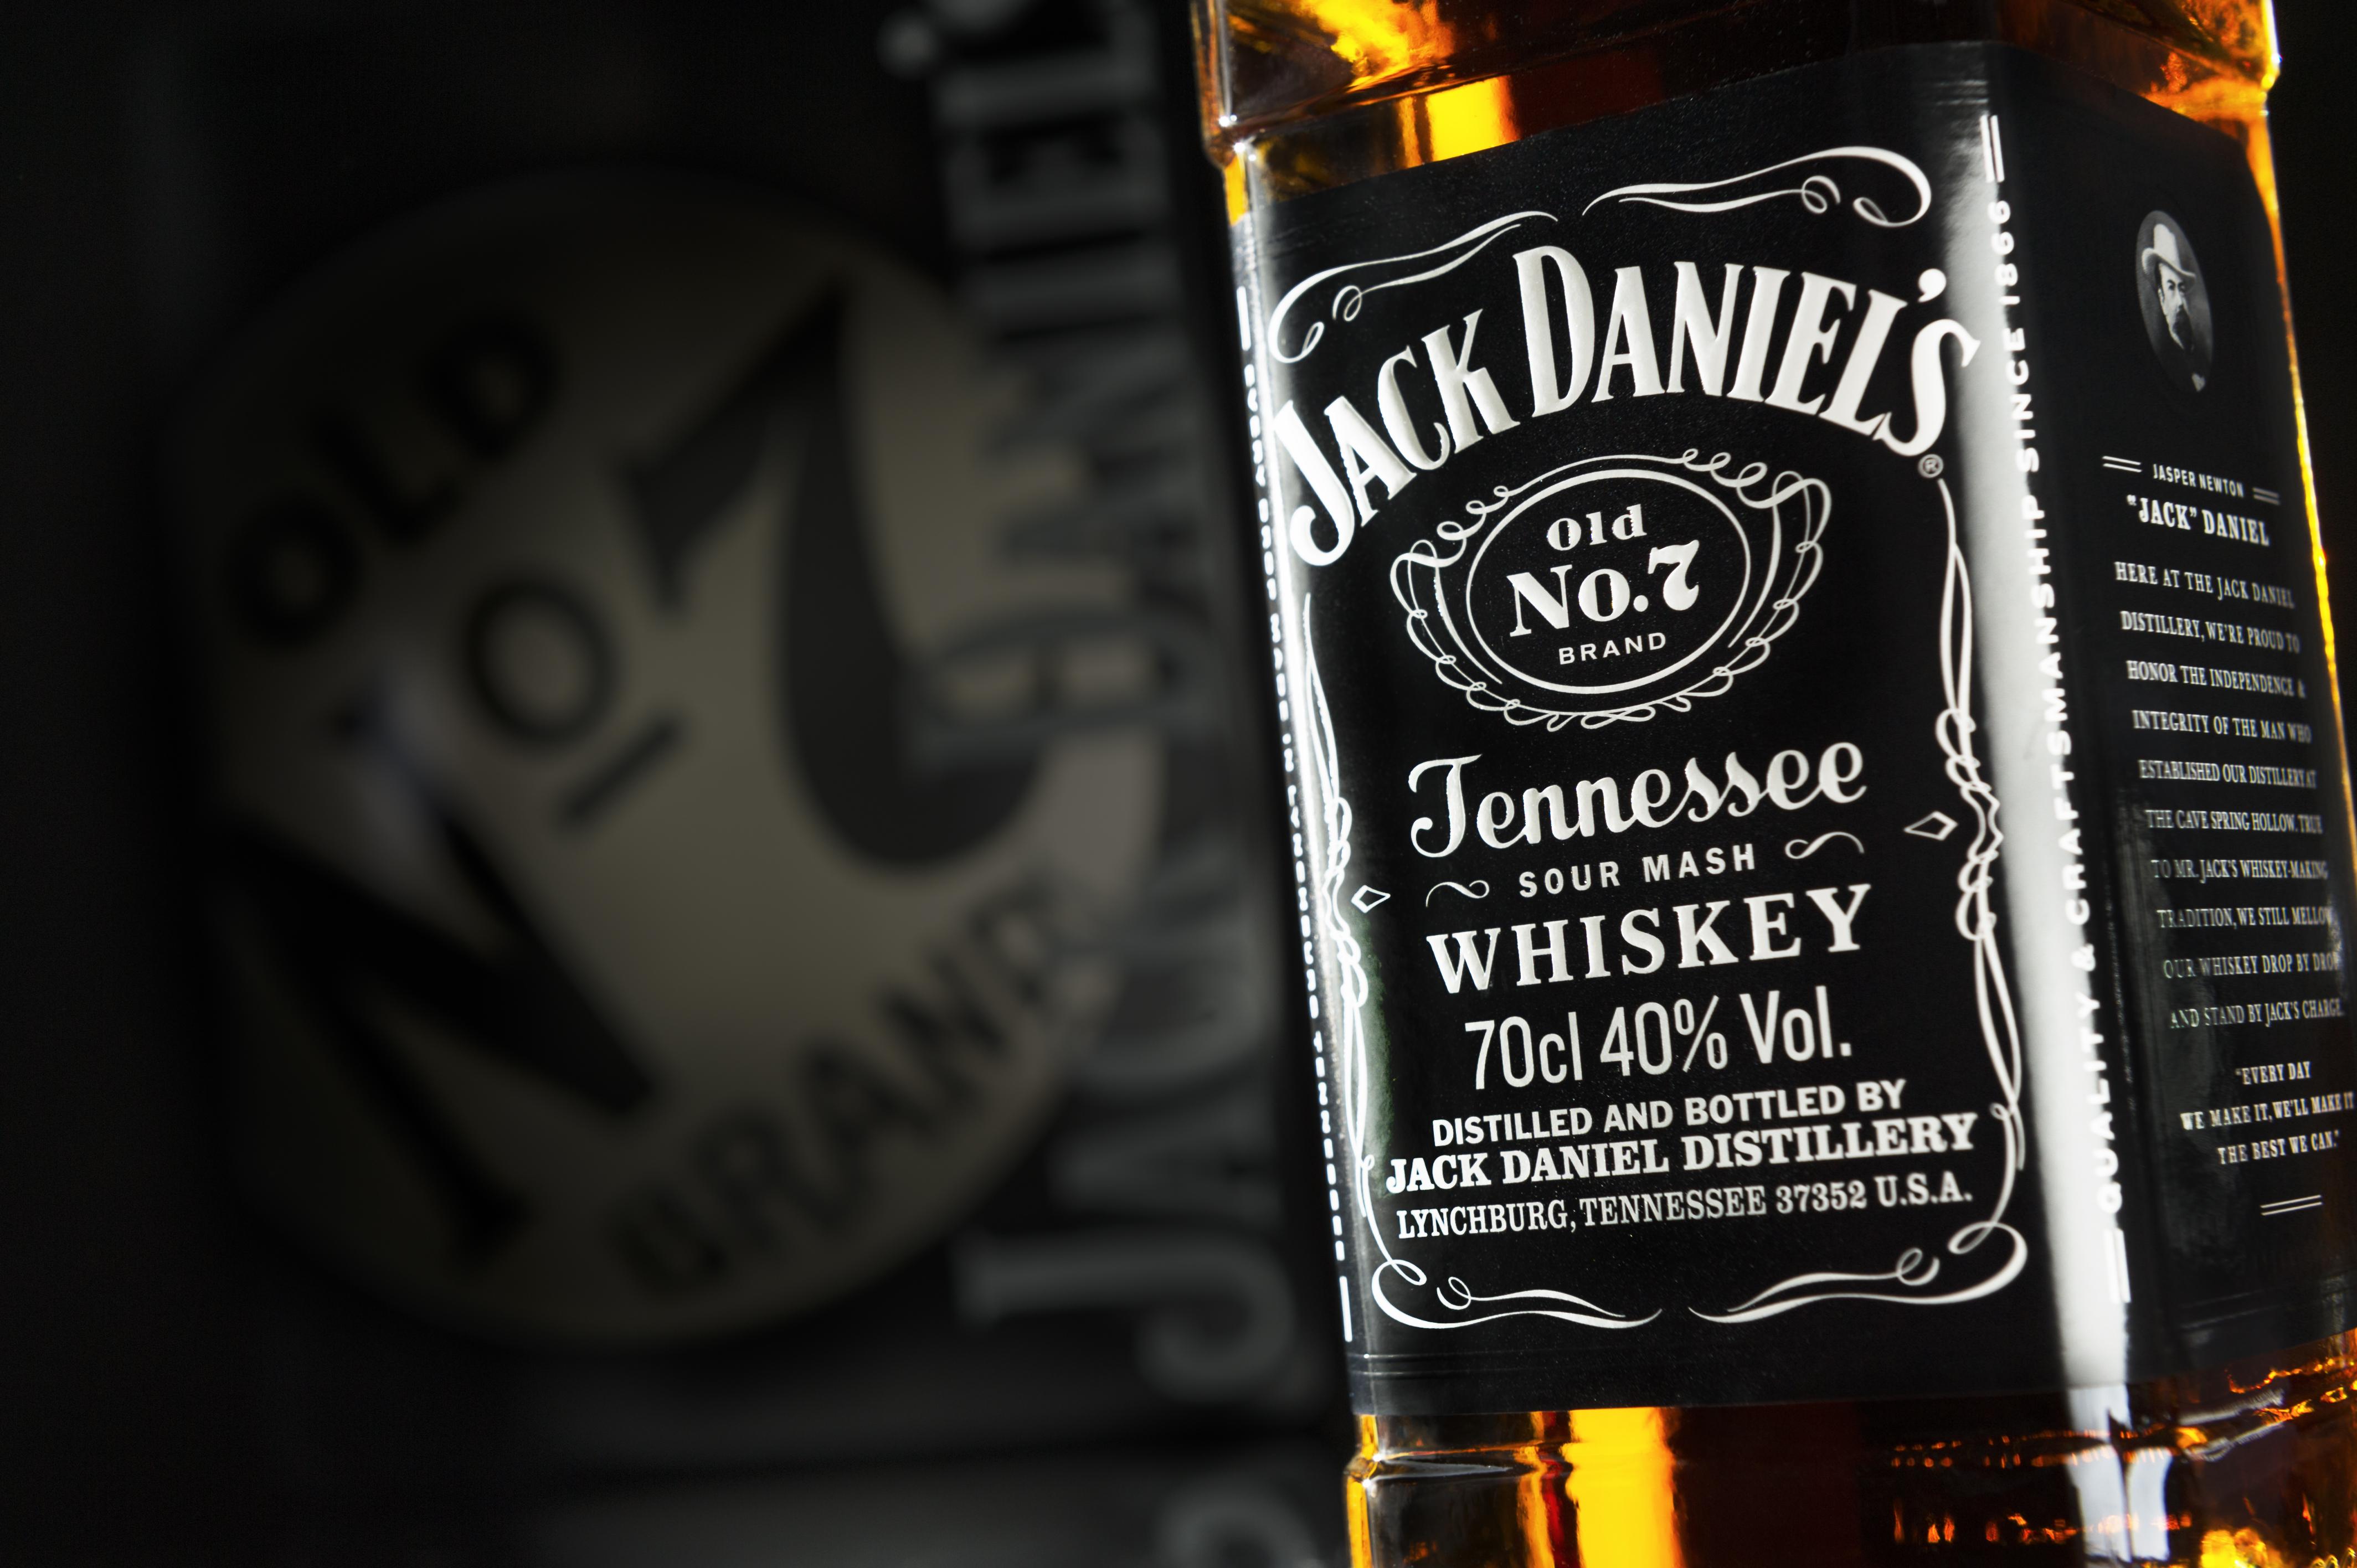 Jack daniels bottle wallpaper Wallpaper Wide HD 4256x2832